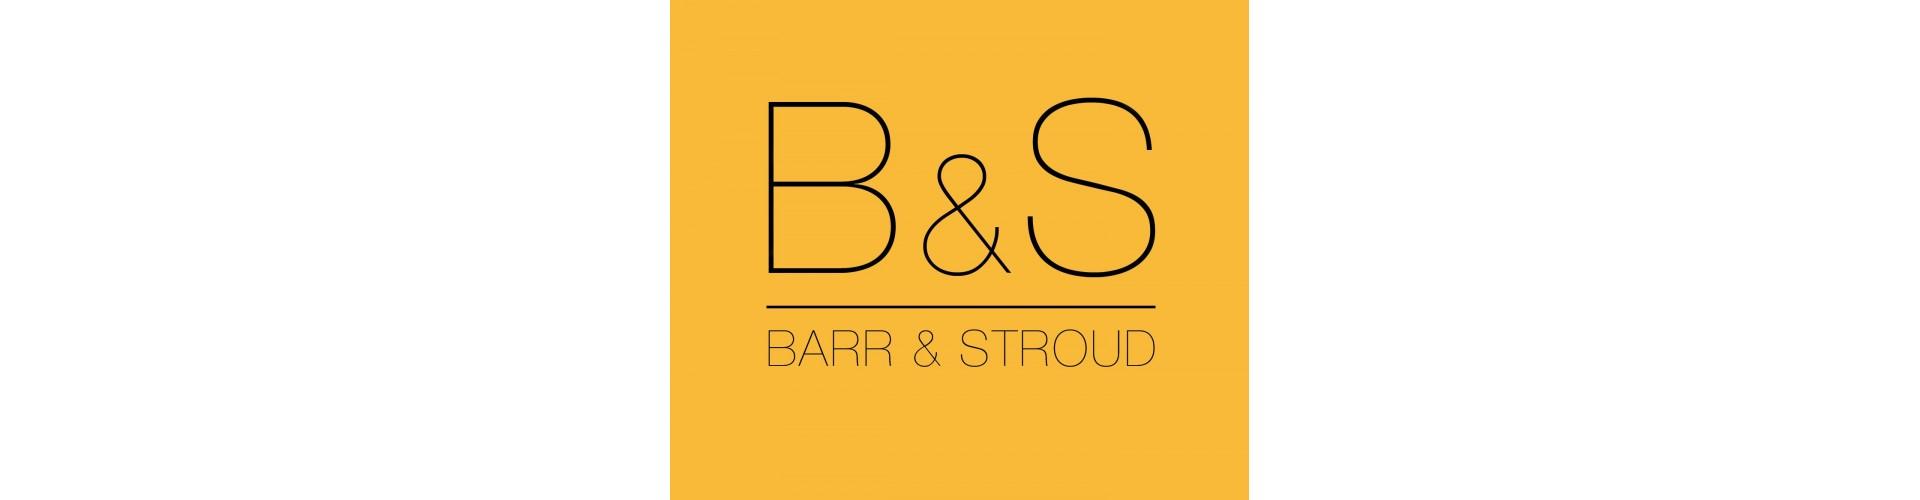 Barr & Stroud håndkikkert - Køb Barr & Stroud håndkikkerter og kikkerter